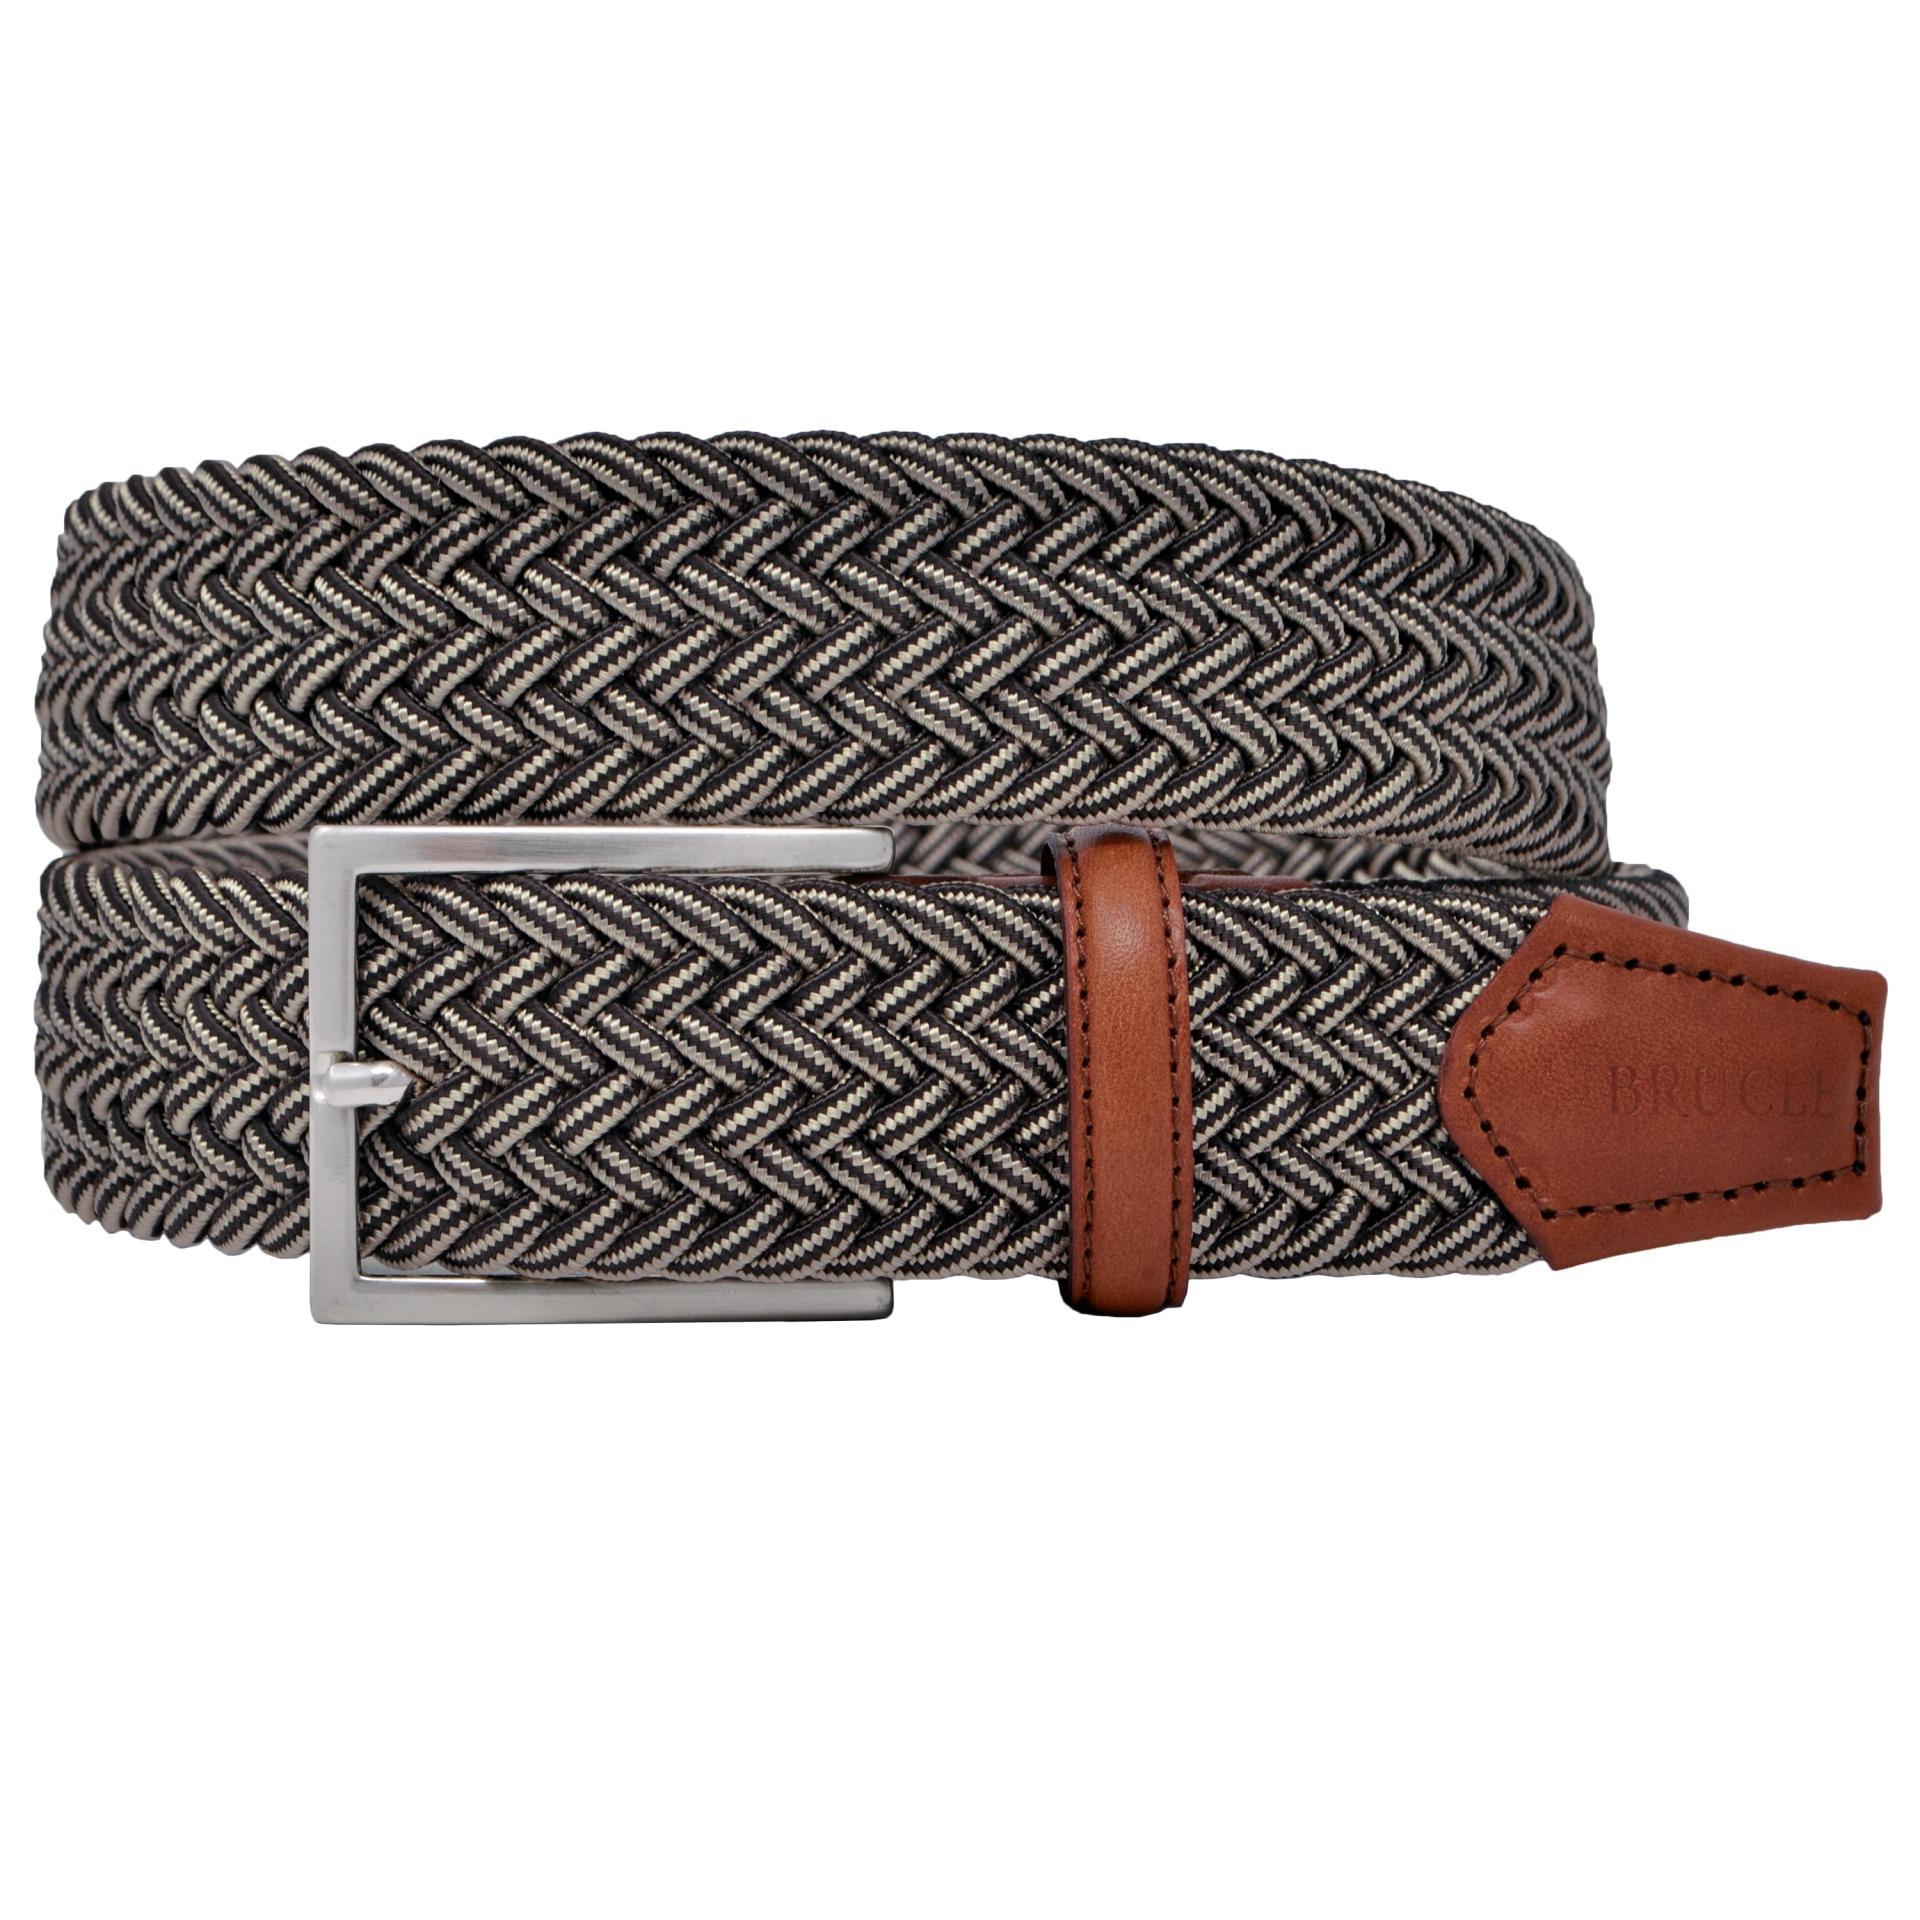 Braided elastic stretch belt brown